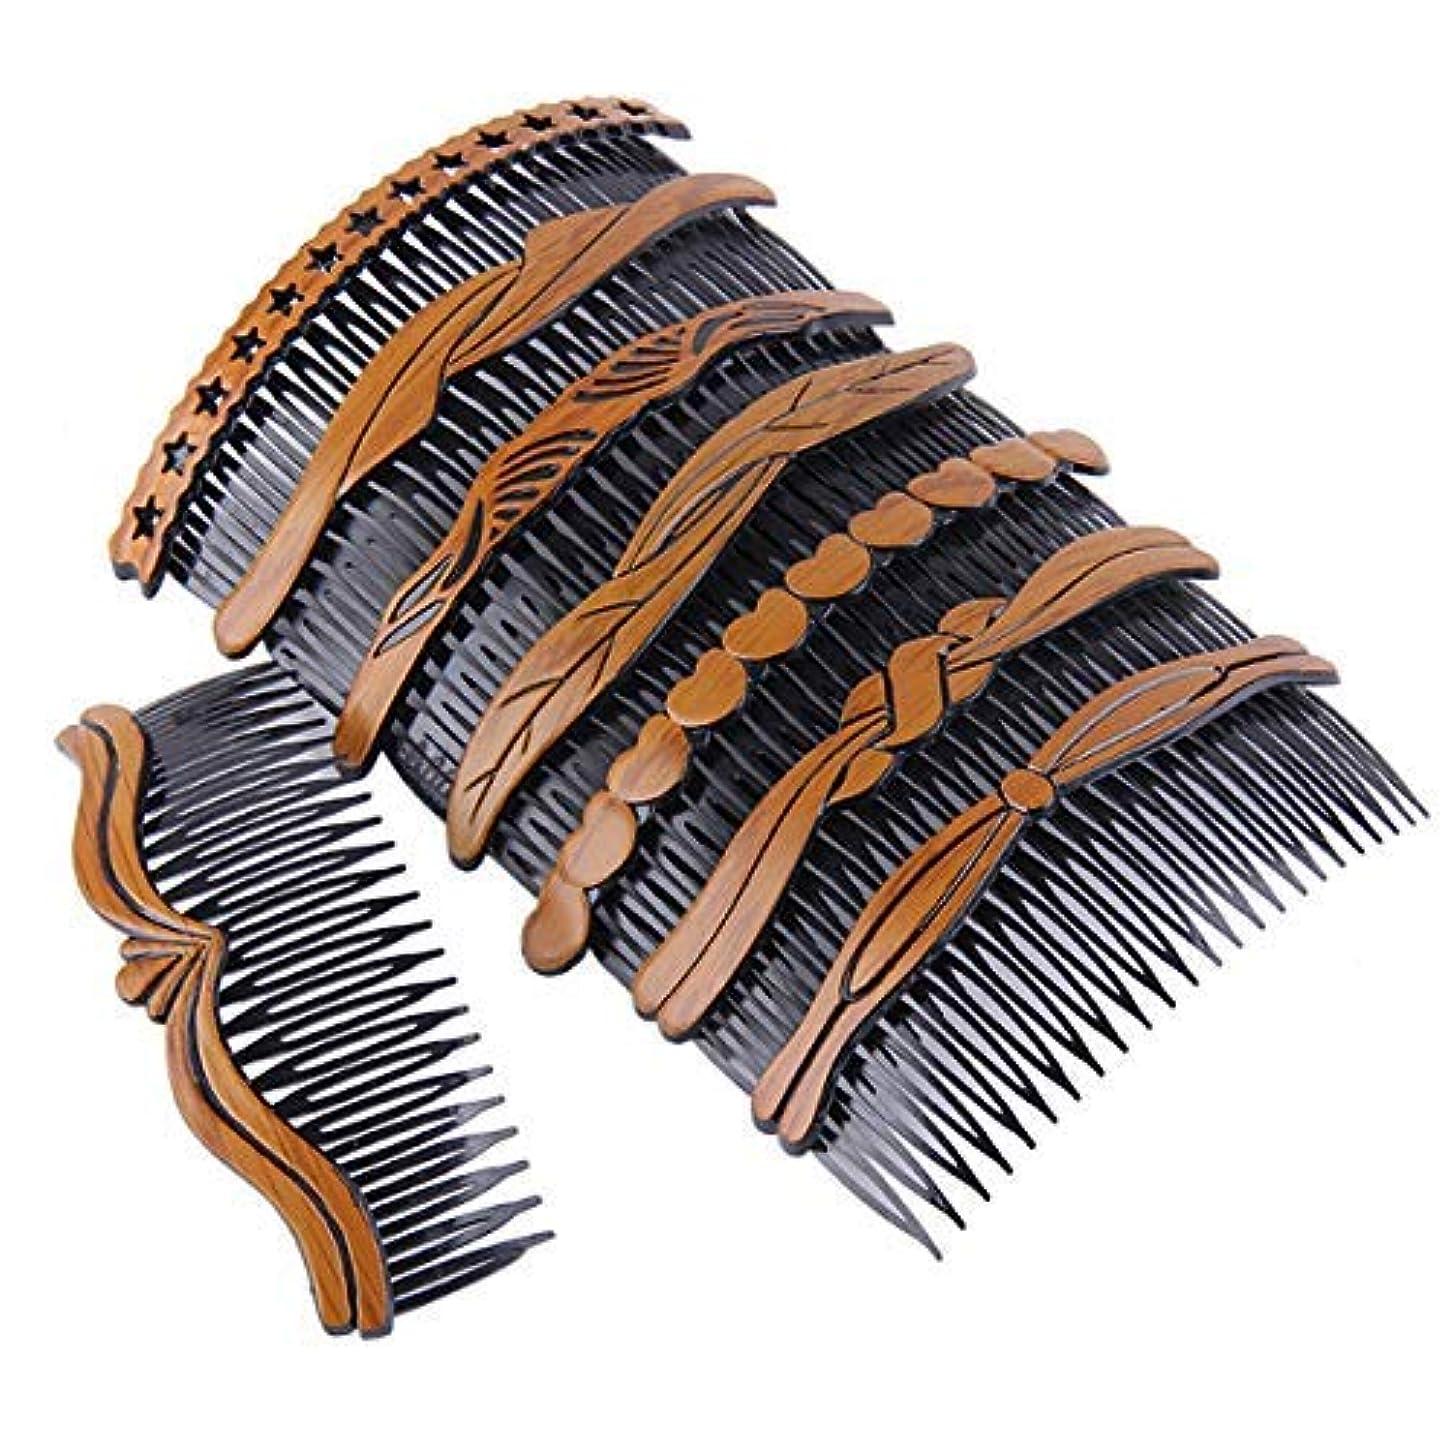 数ダッシュ装置8Pcs Plastic Wood Grain Hollow Hair Side Combs Retro Hair Comb Pin Clips Headdress with Teeth for Lady Women Girls...